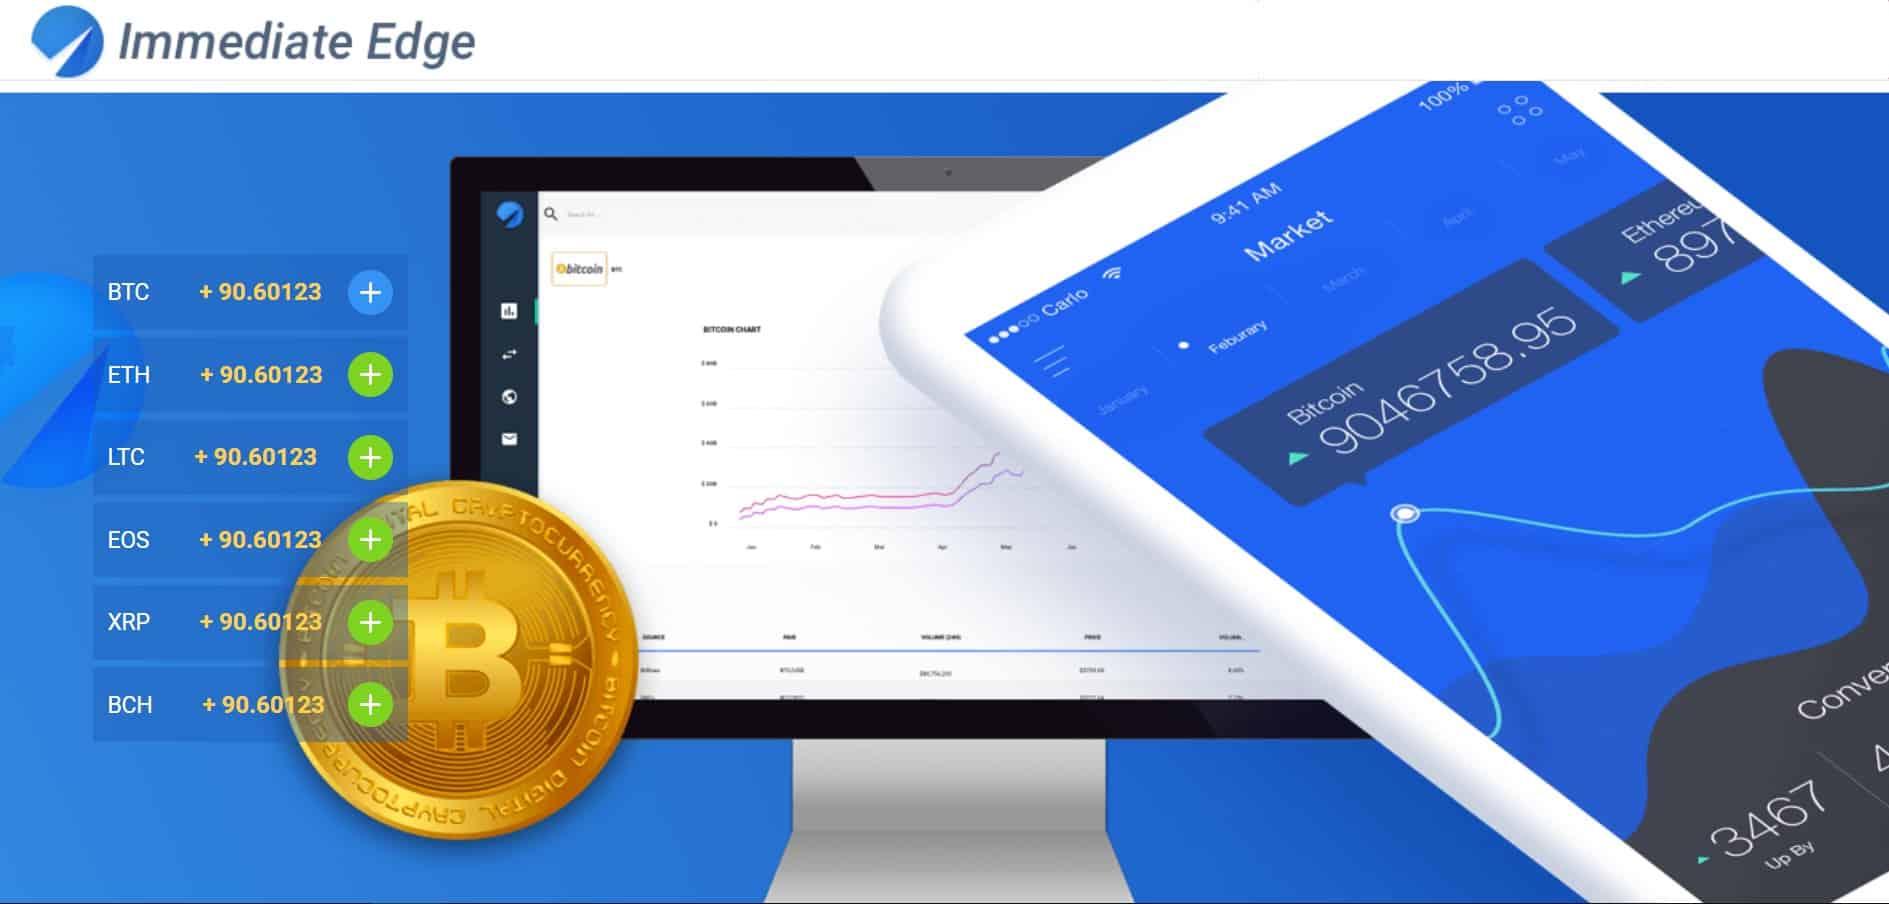 bitcoin labs ieguldījums 2021. gadā